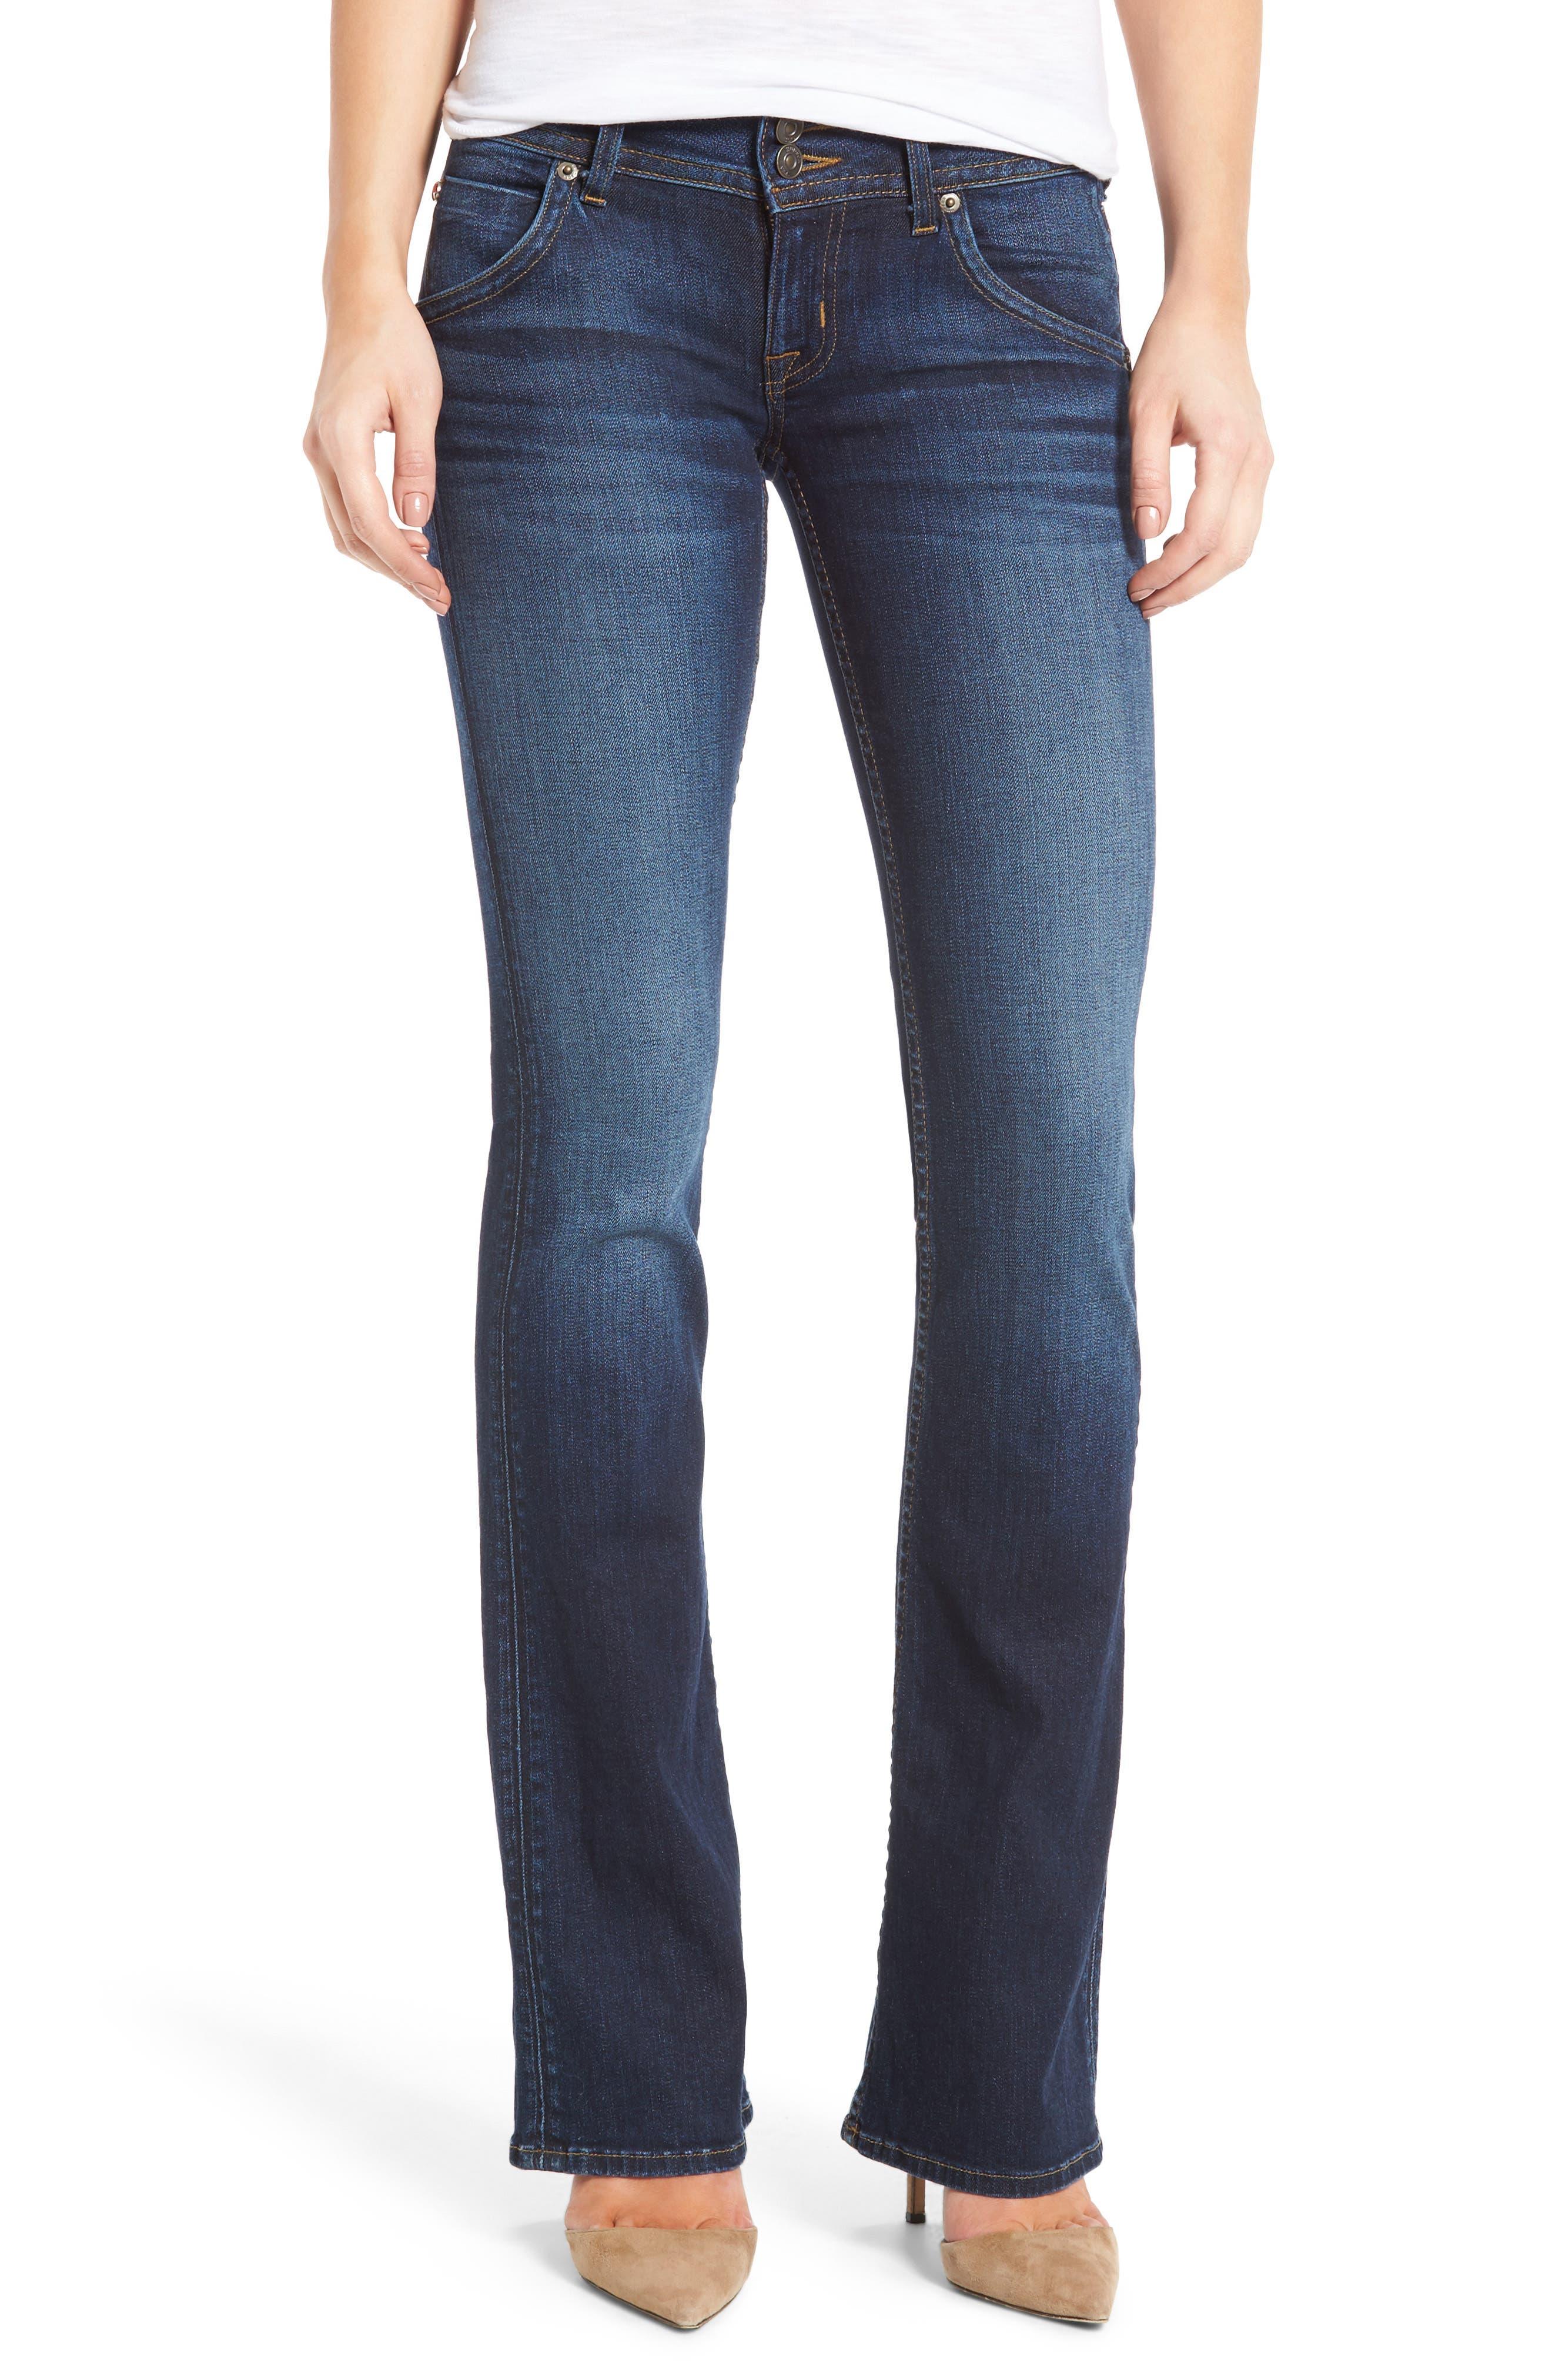 Main Image - Hudson Jeans Signature Petite Bootcut Jeans (Patrol Unit)